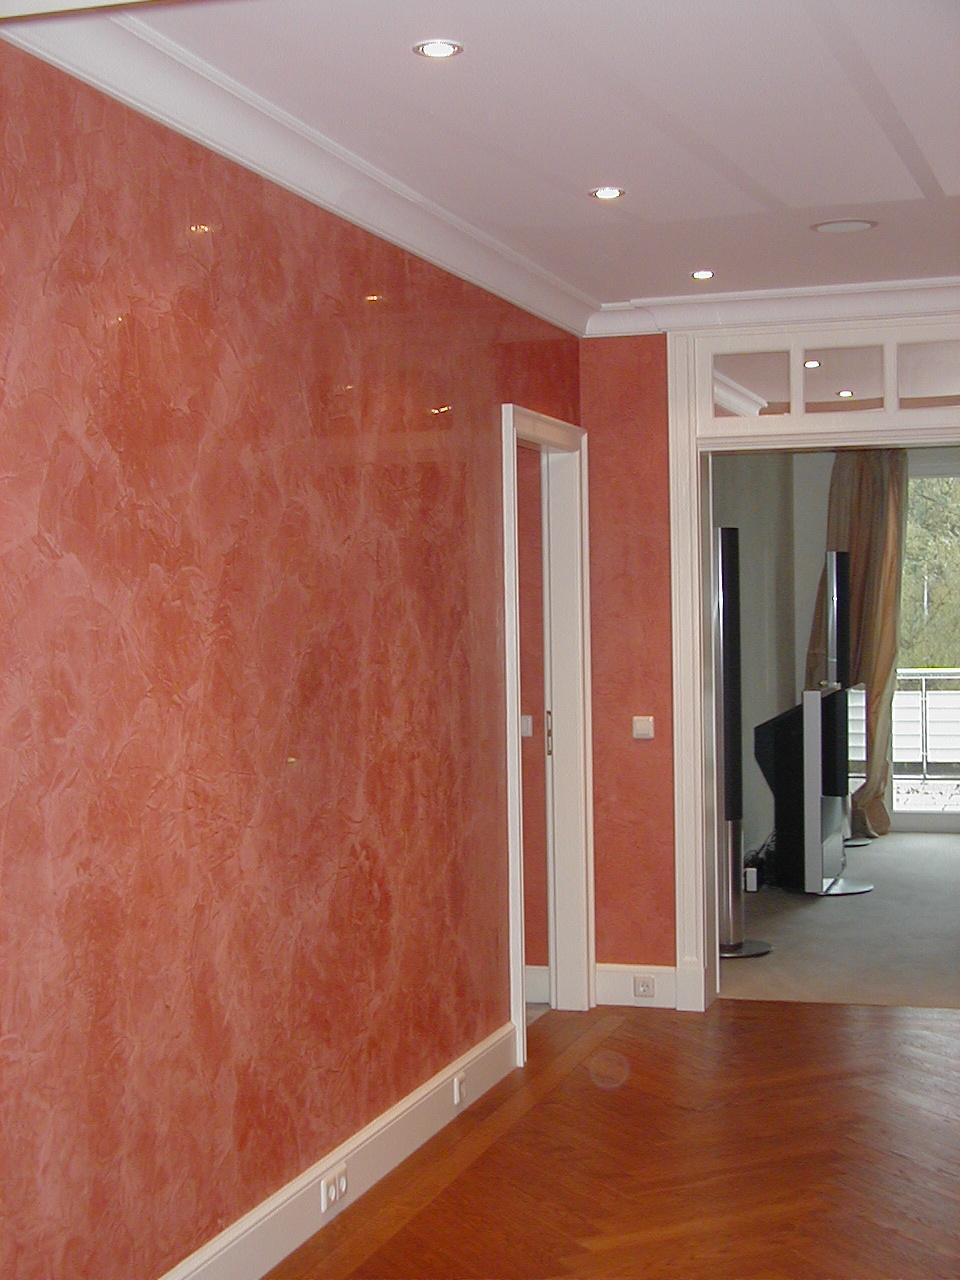 Tel 604 607 947 stiuki gdynia tr jmiasto i okolice - Pintura lavable para paredes ...